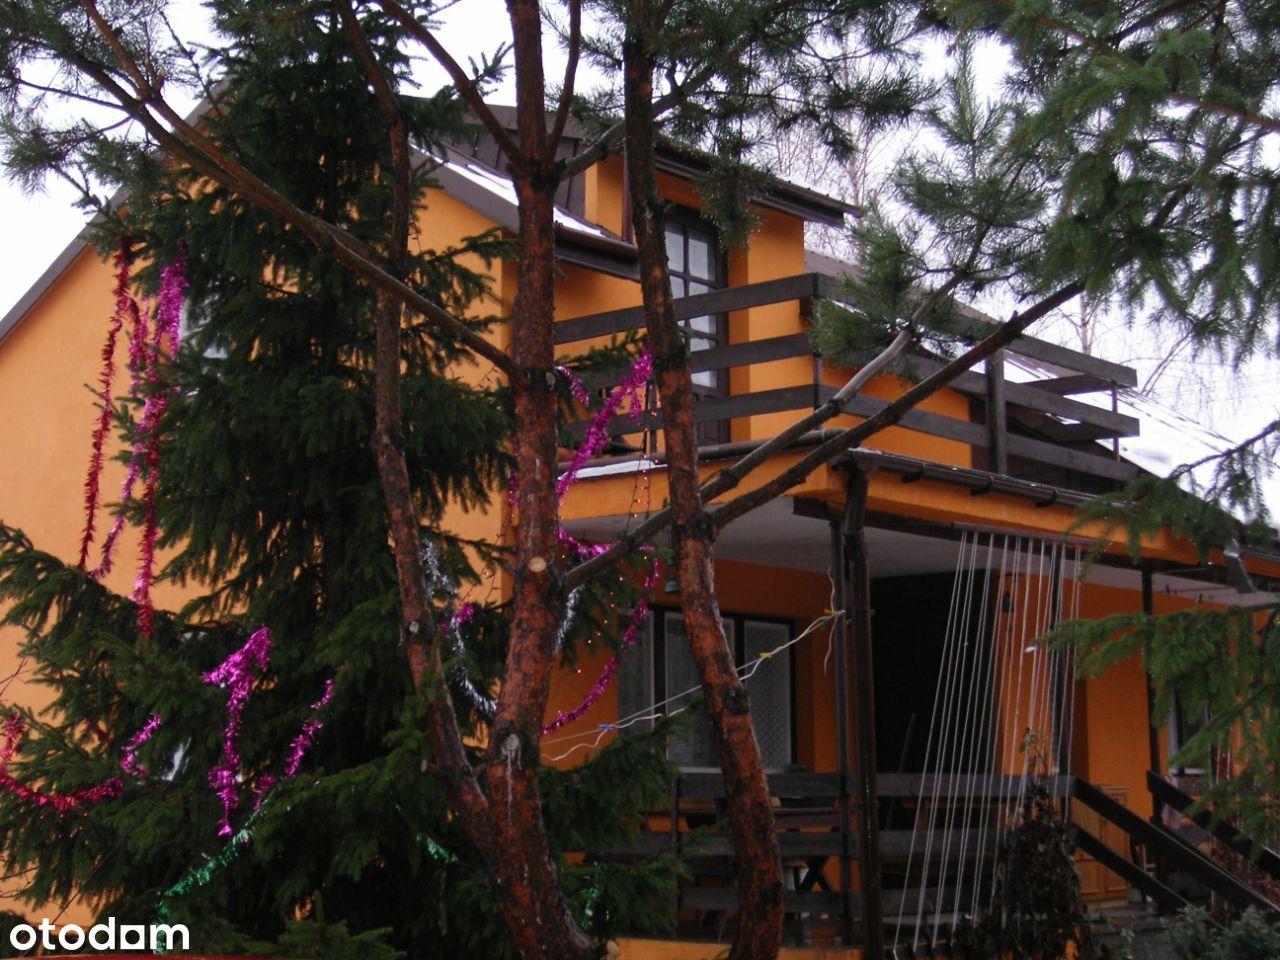 Dom całoroczny murowany, las blisko rzeki